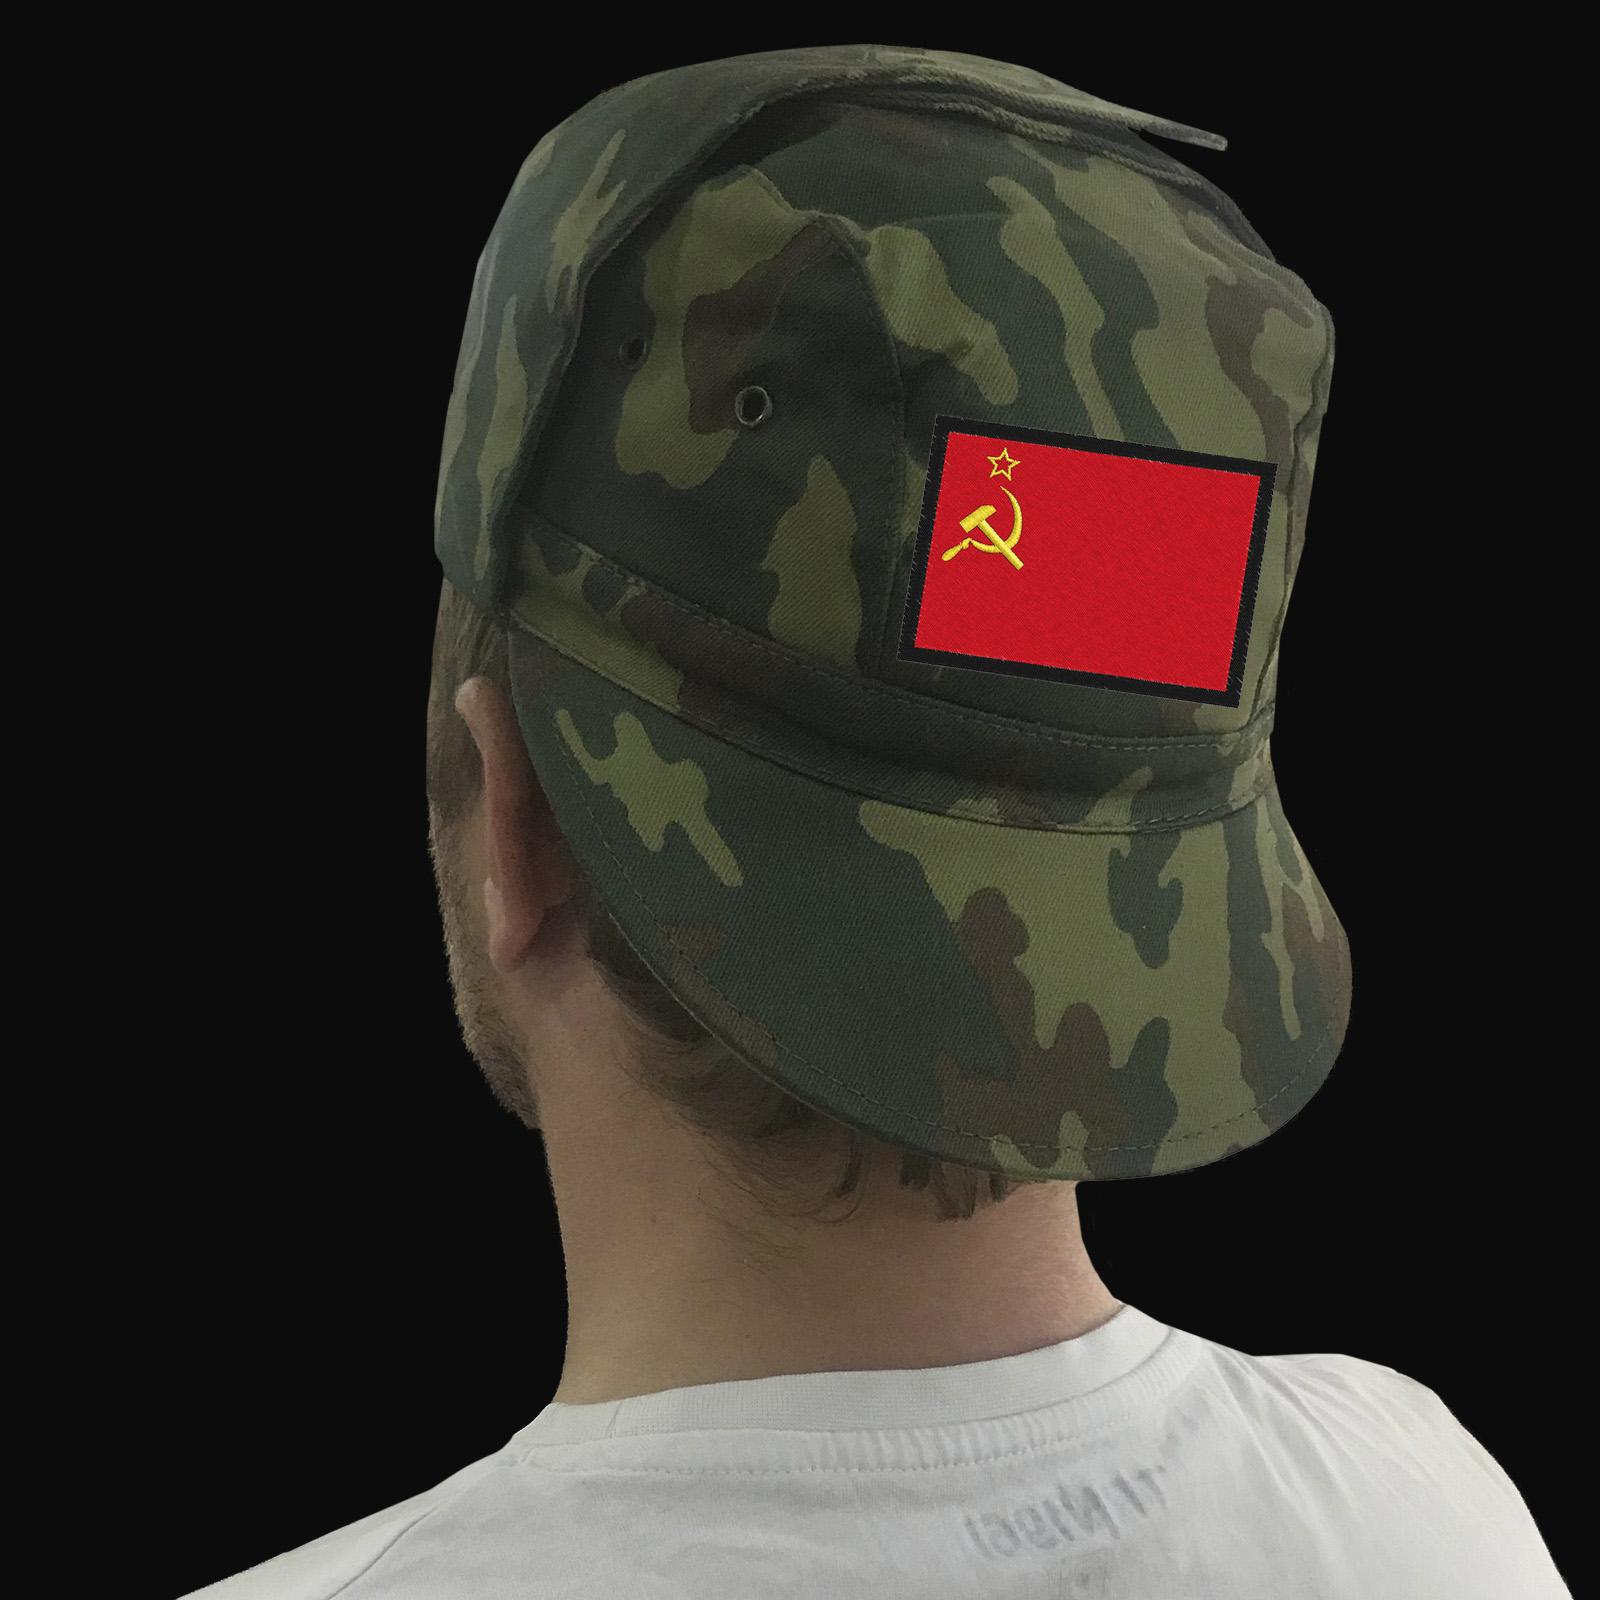 Армейские кепки в камуфляже Вудланд – супер цена и быстрая доставка